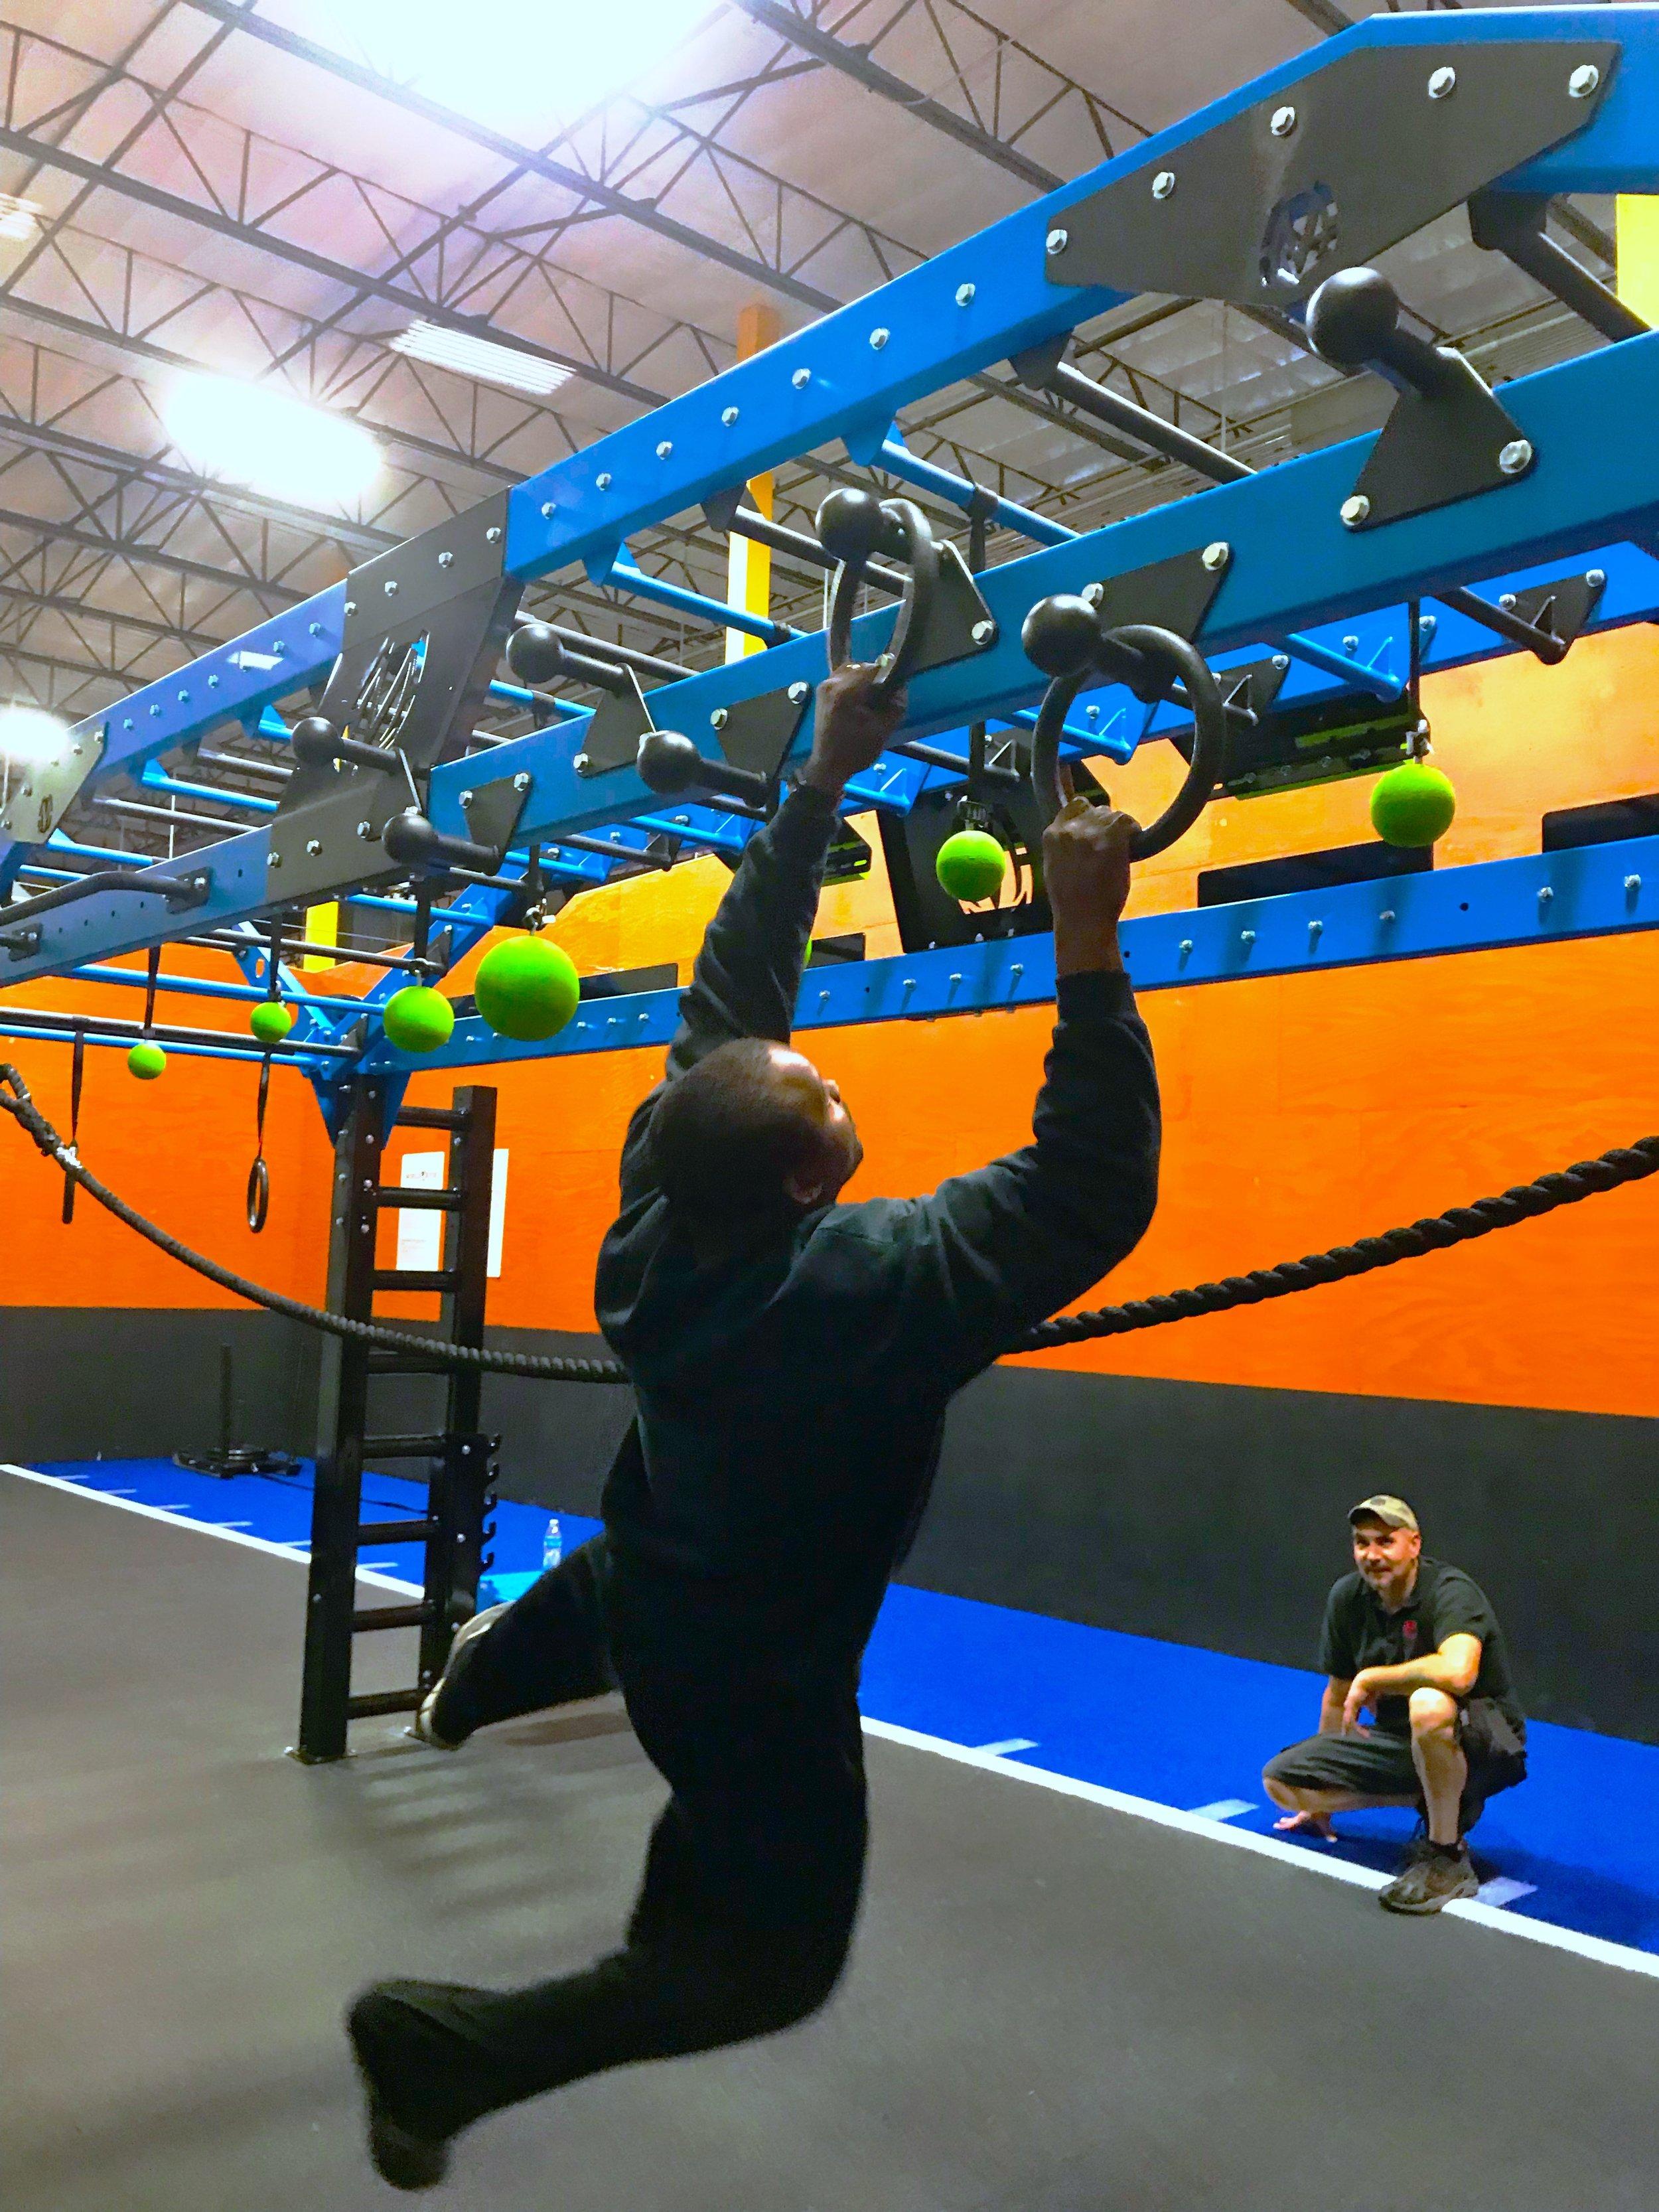 Ring toss exercise on Nova XL